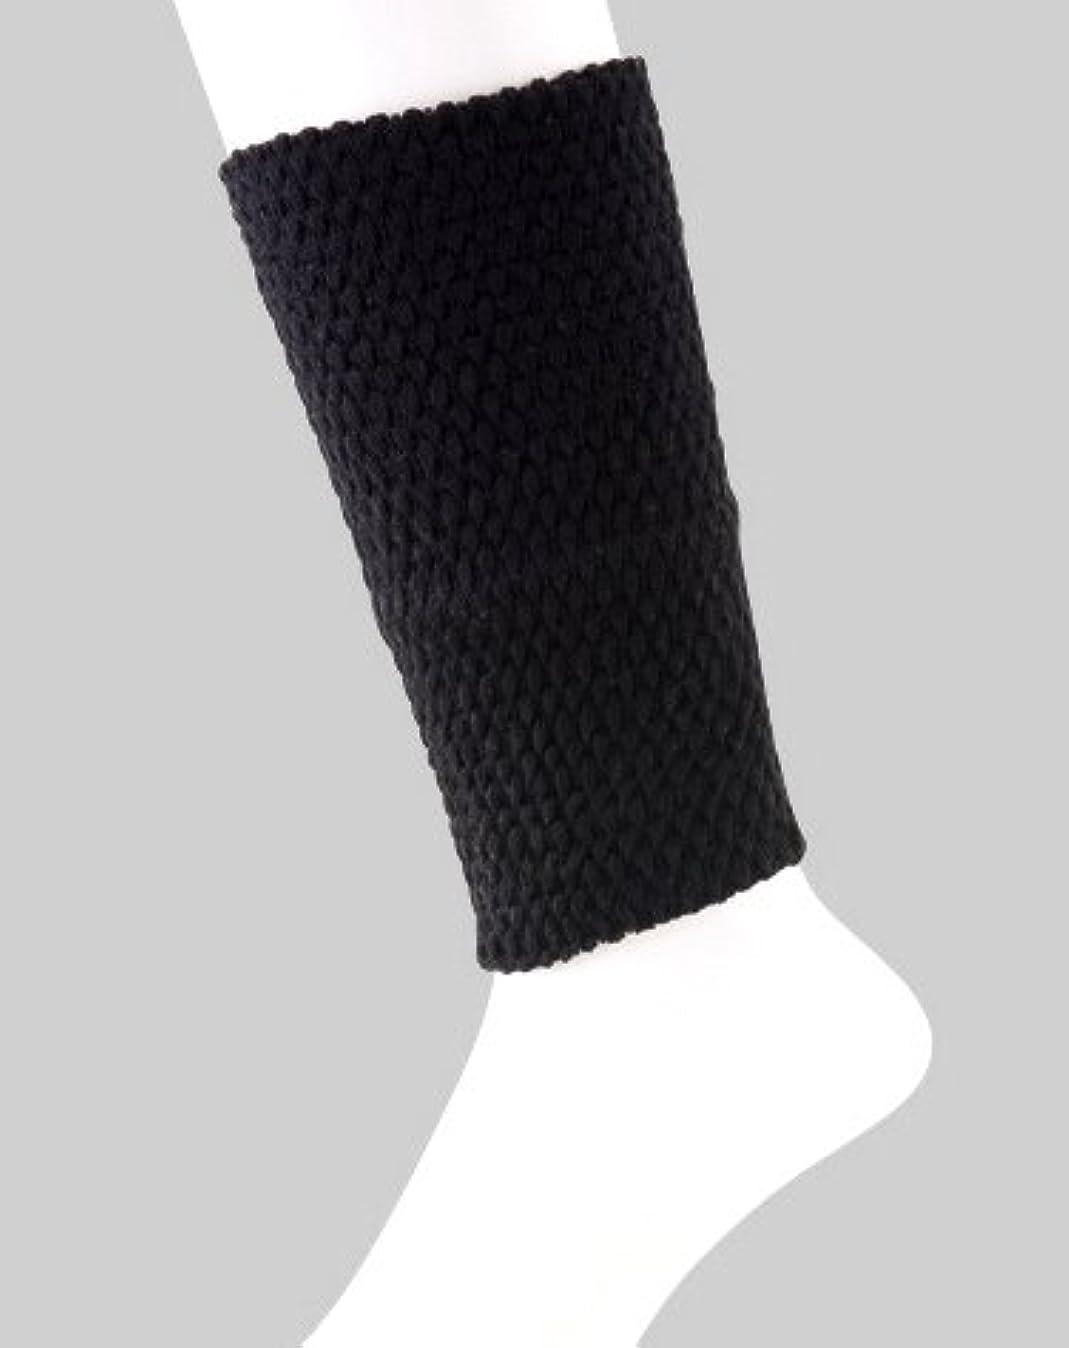 静かにギター音節日本製 足首ウォーマー 表綿100% 二重構造で暖かい 春夏 冷房対策 20cm丈 (グレー)